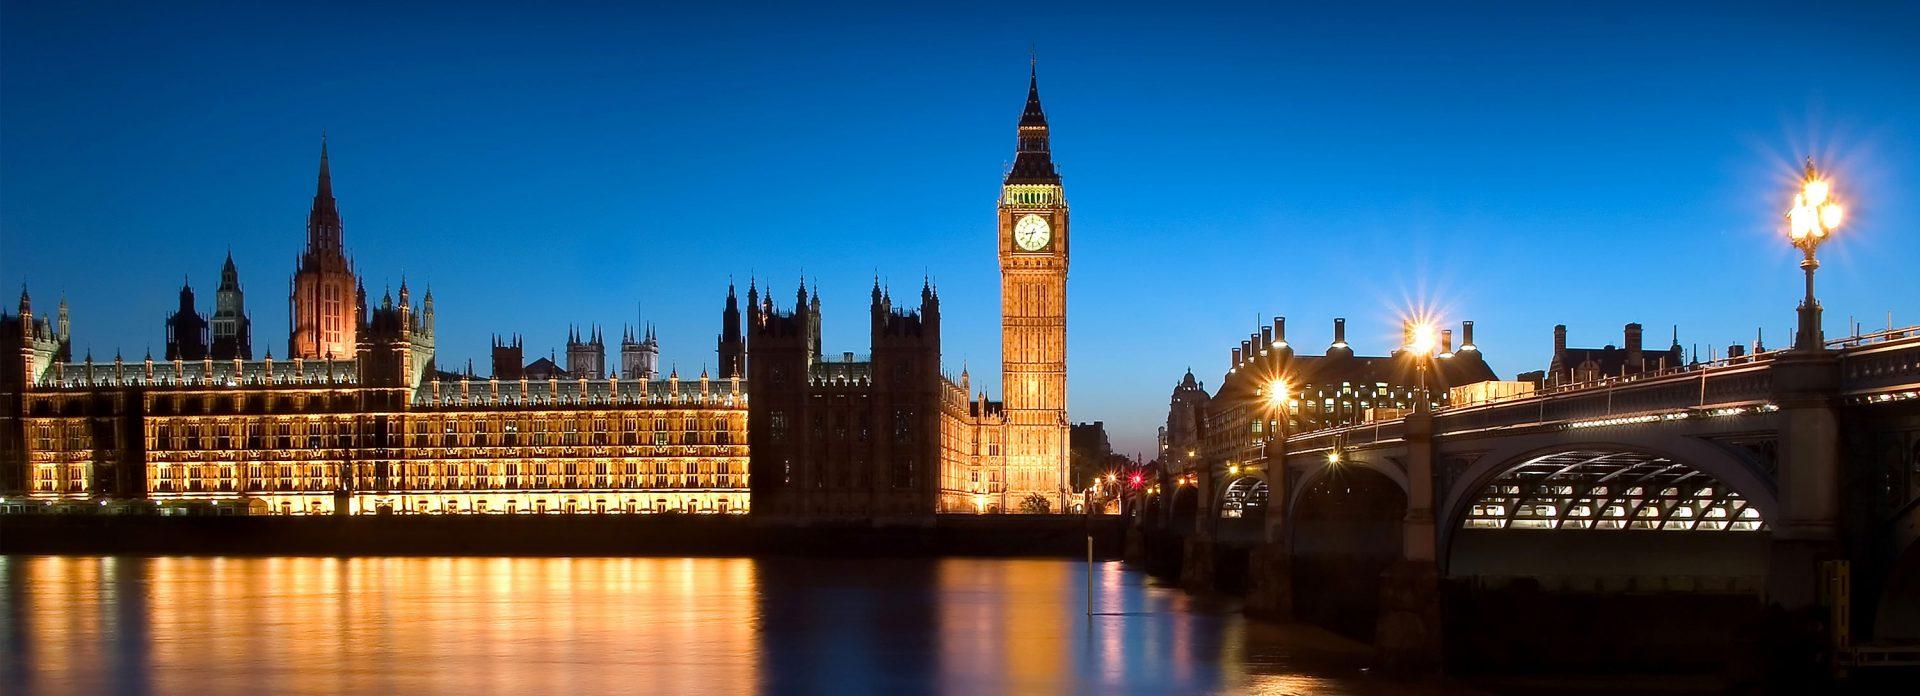 fakta london big ben tower bridge informasjon opplysninger